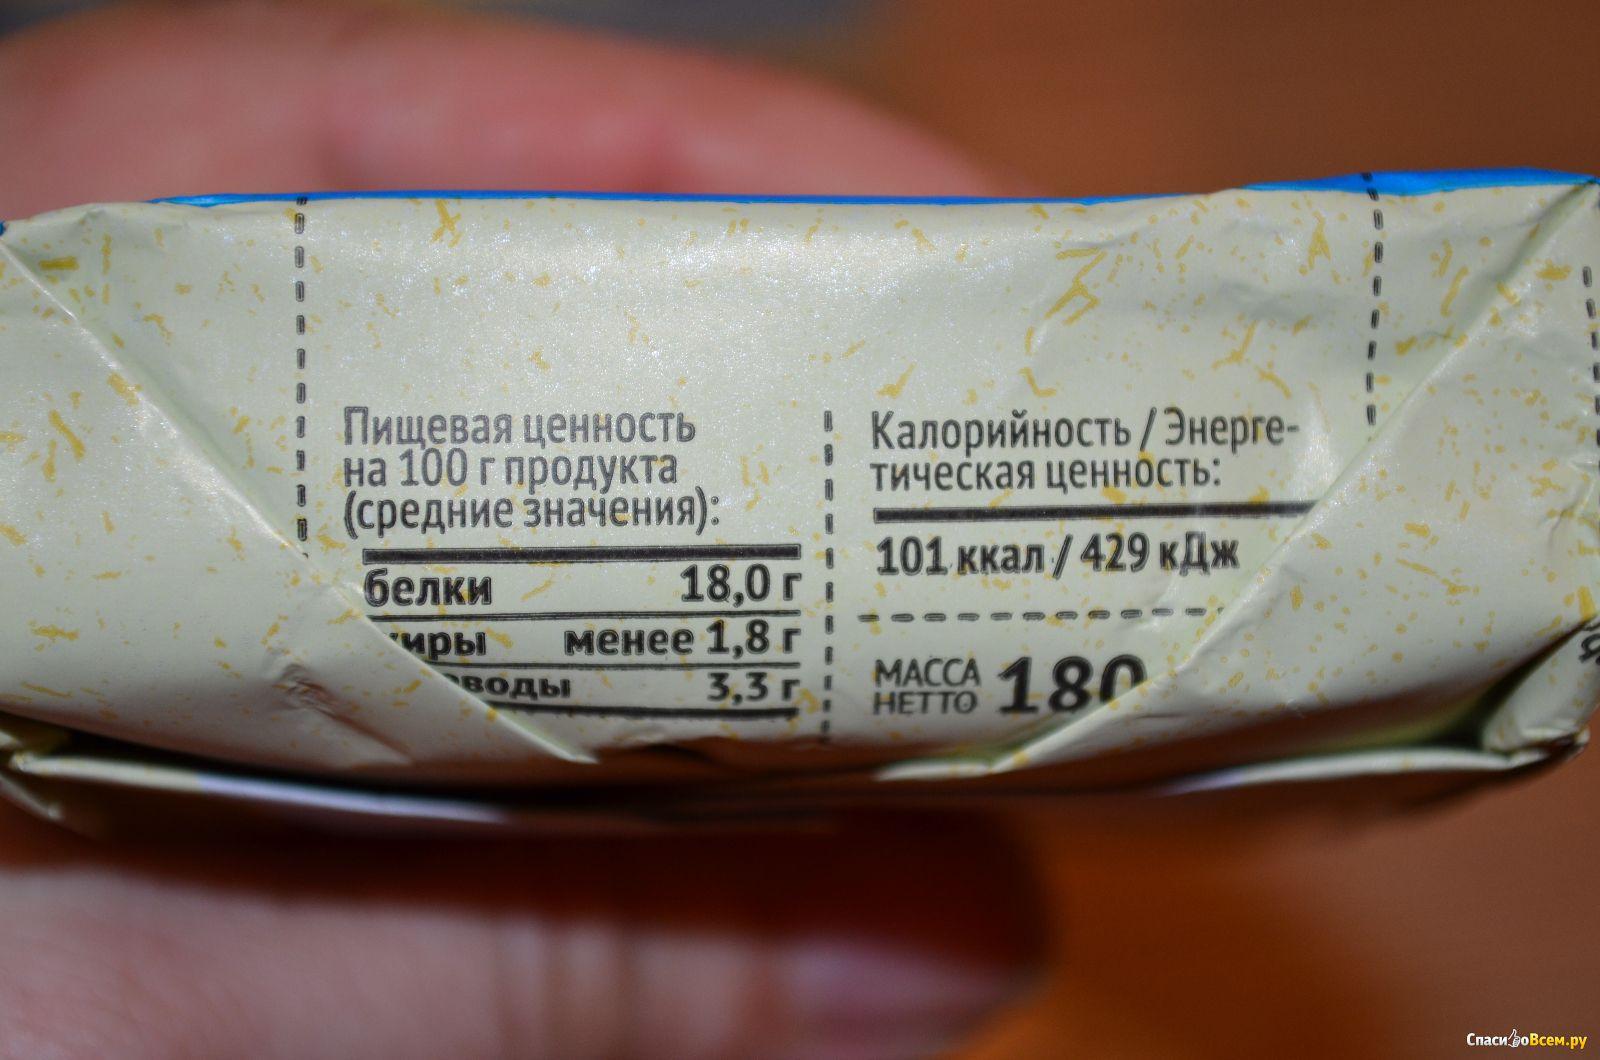 pishevaya-tsennost-spermi